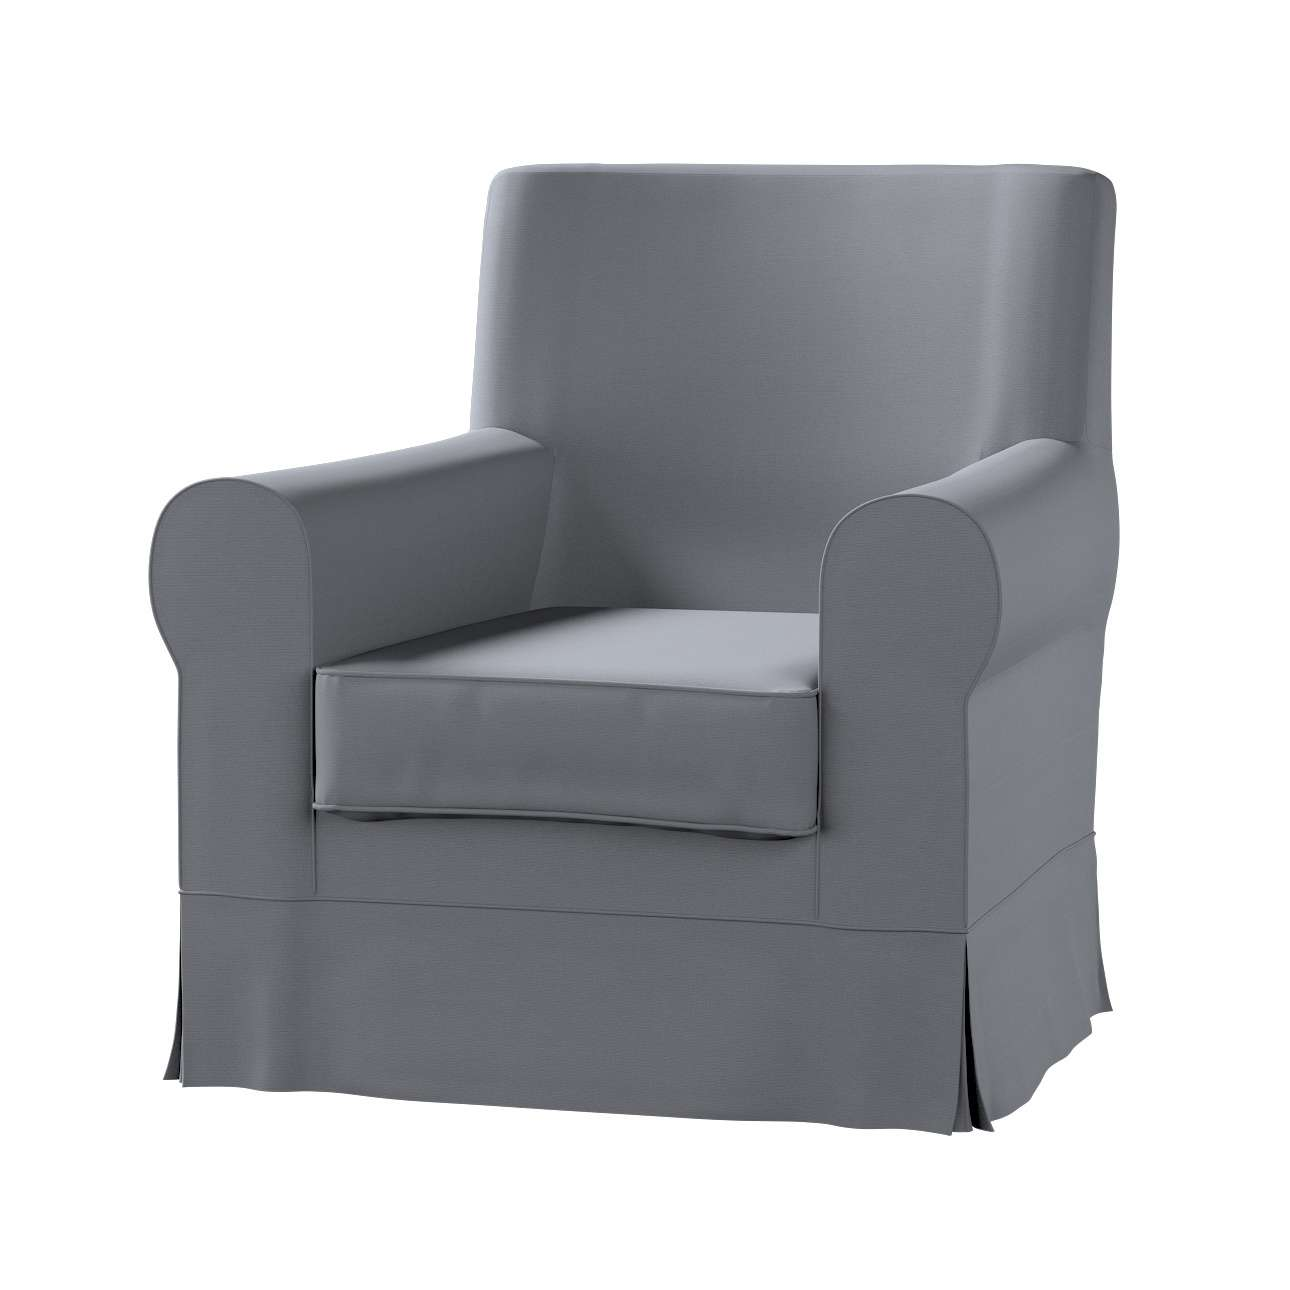 EKTORP JENNYLUND fotelio užvalkalas Ektorp Jennylund fotelio užvalkalas kolekcijoje Cotton Panama, audinys: 702-07